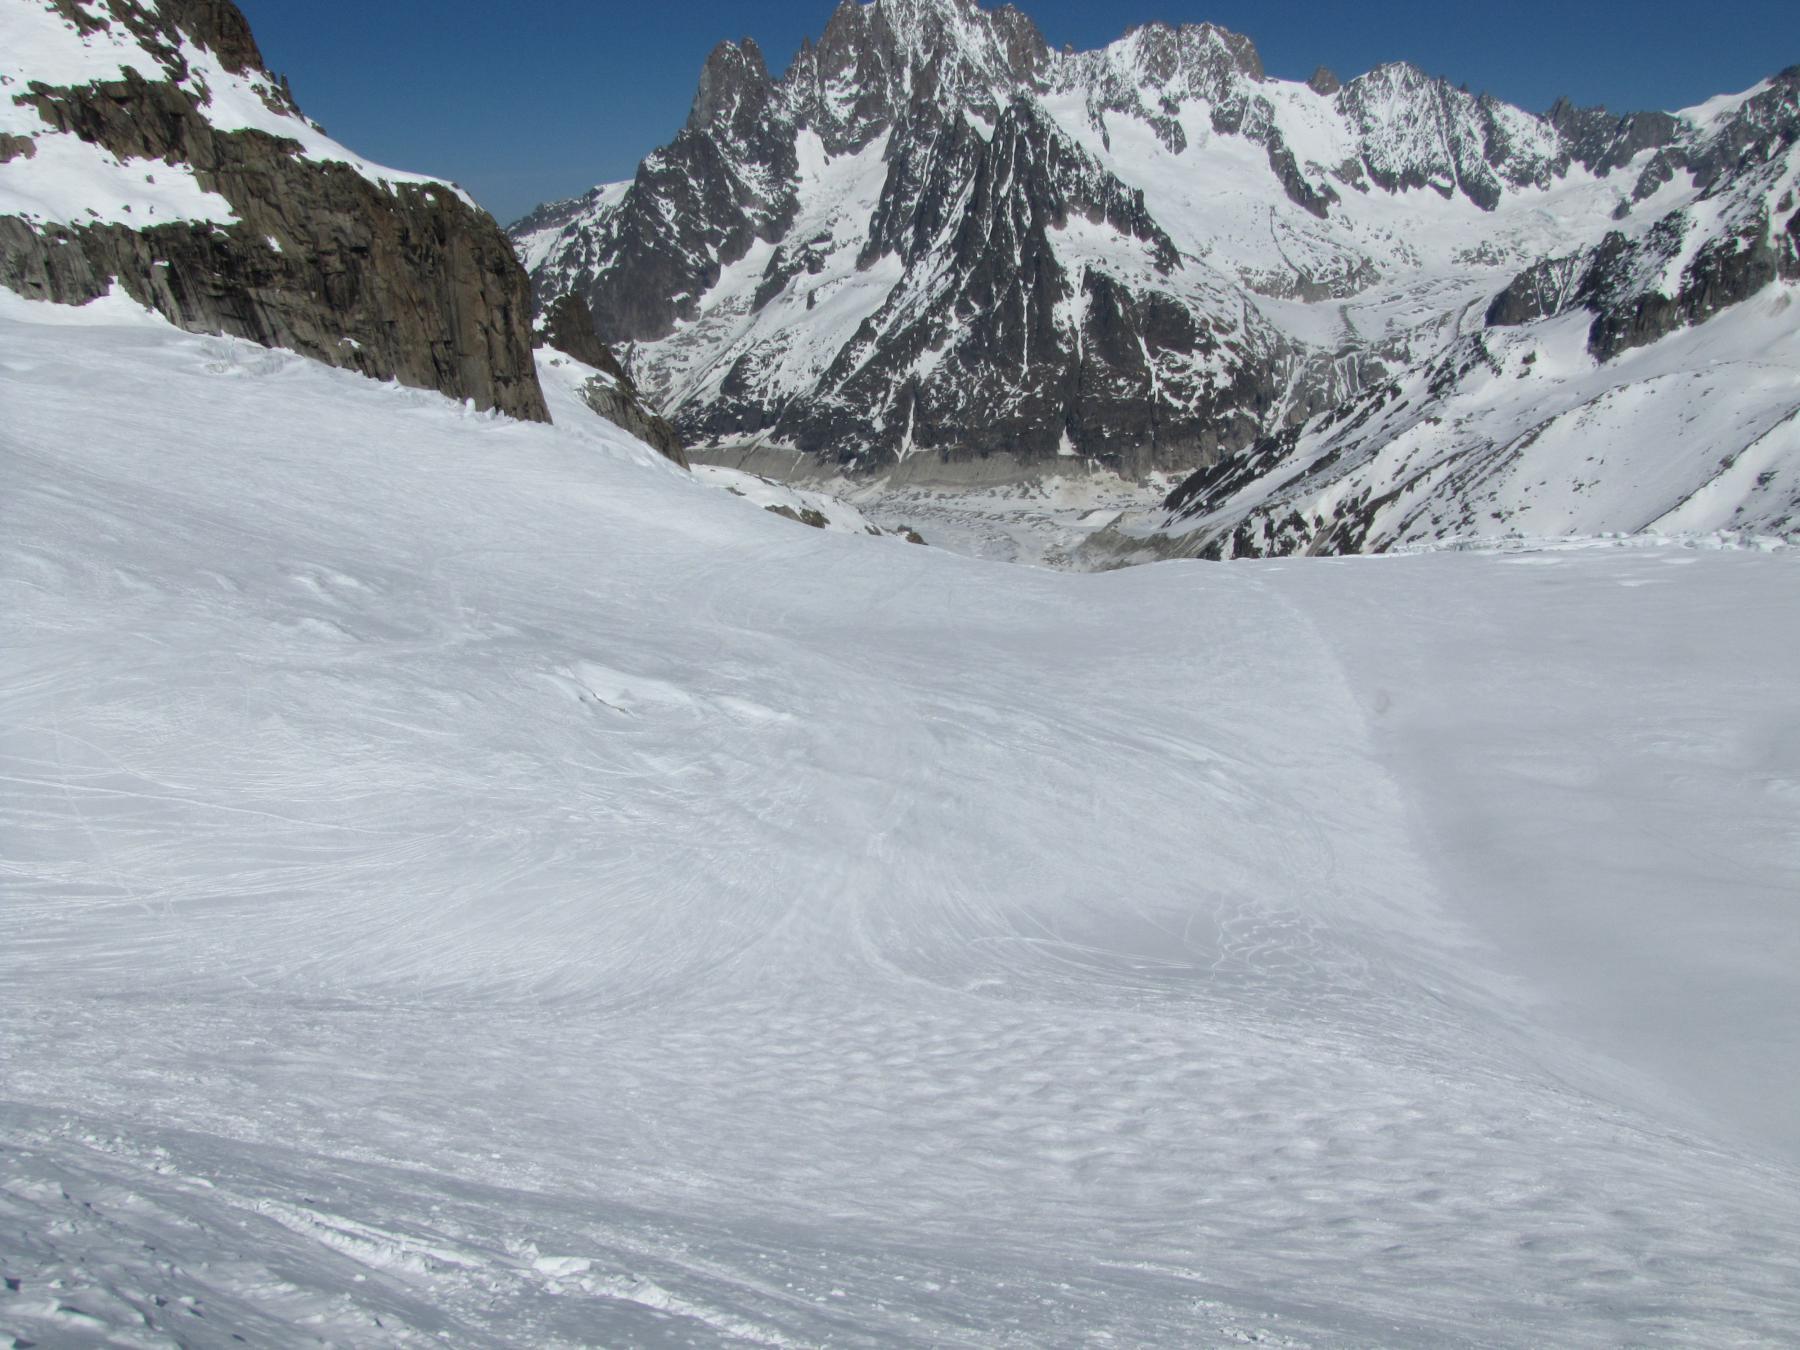 non c'è neve recente e il pendio è molto tracciato